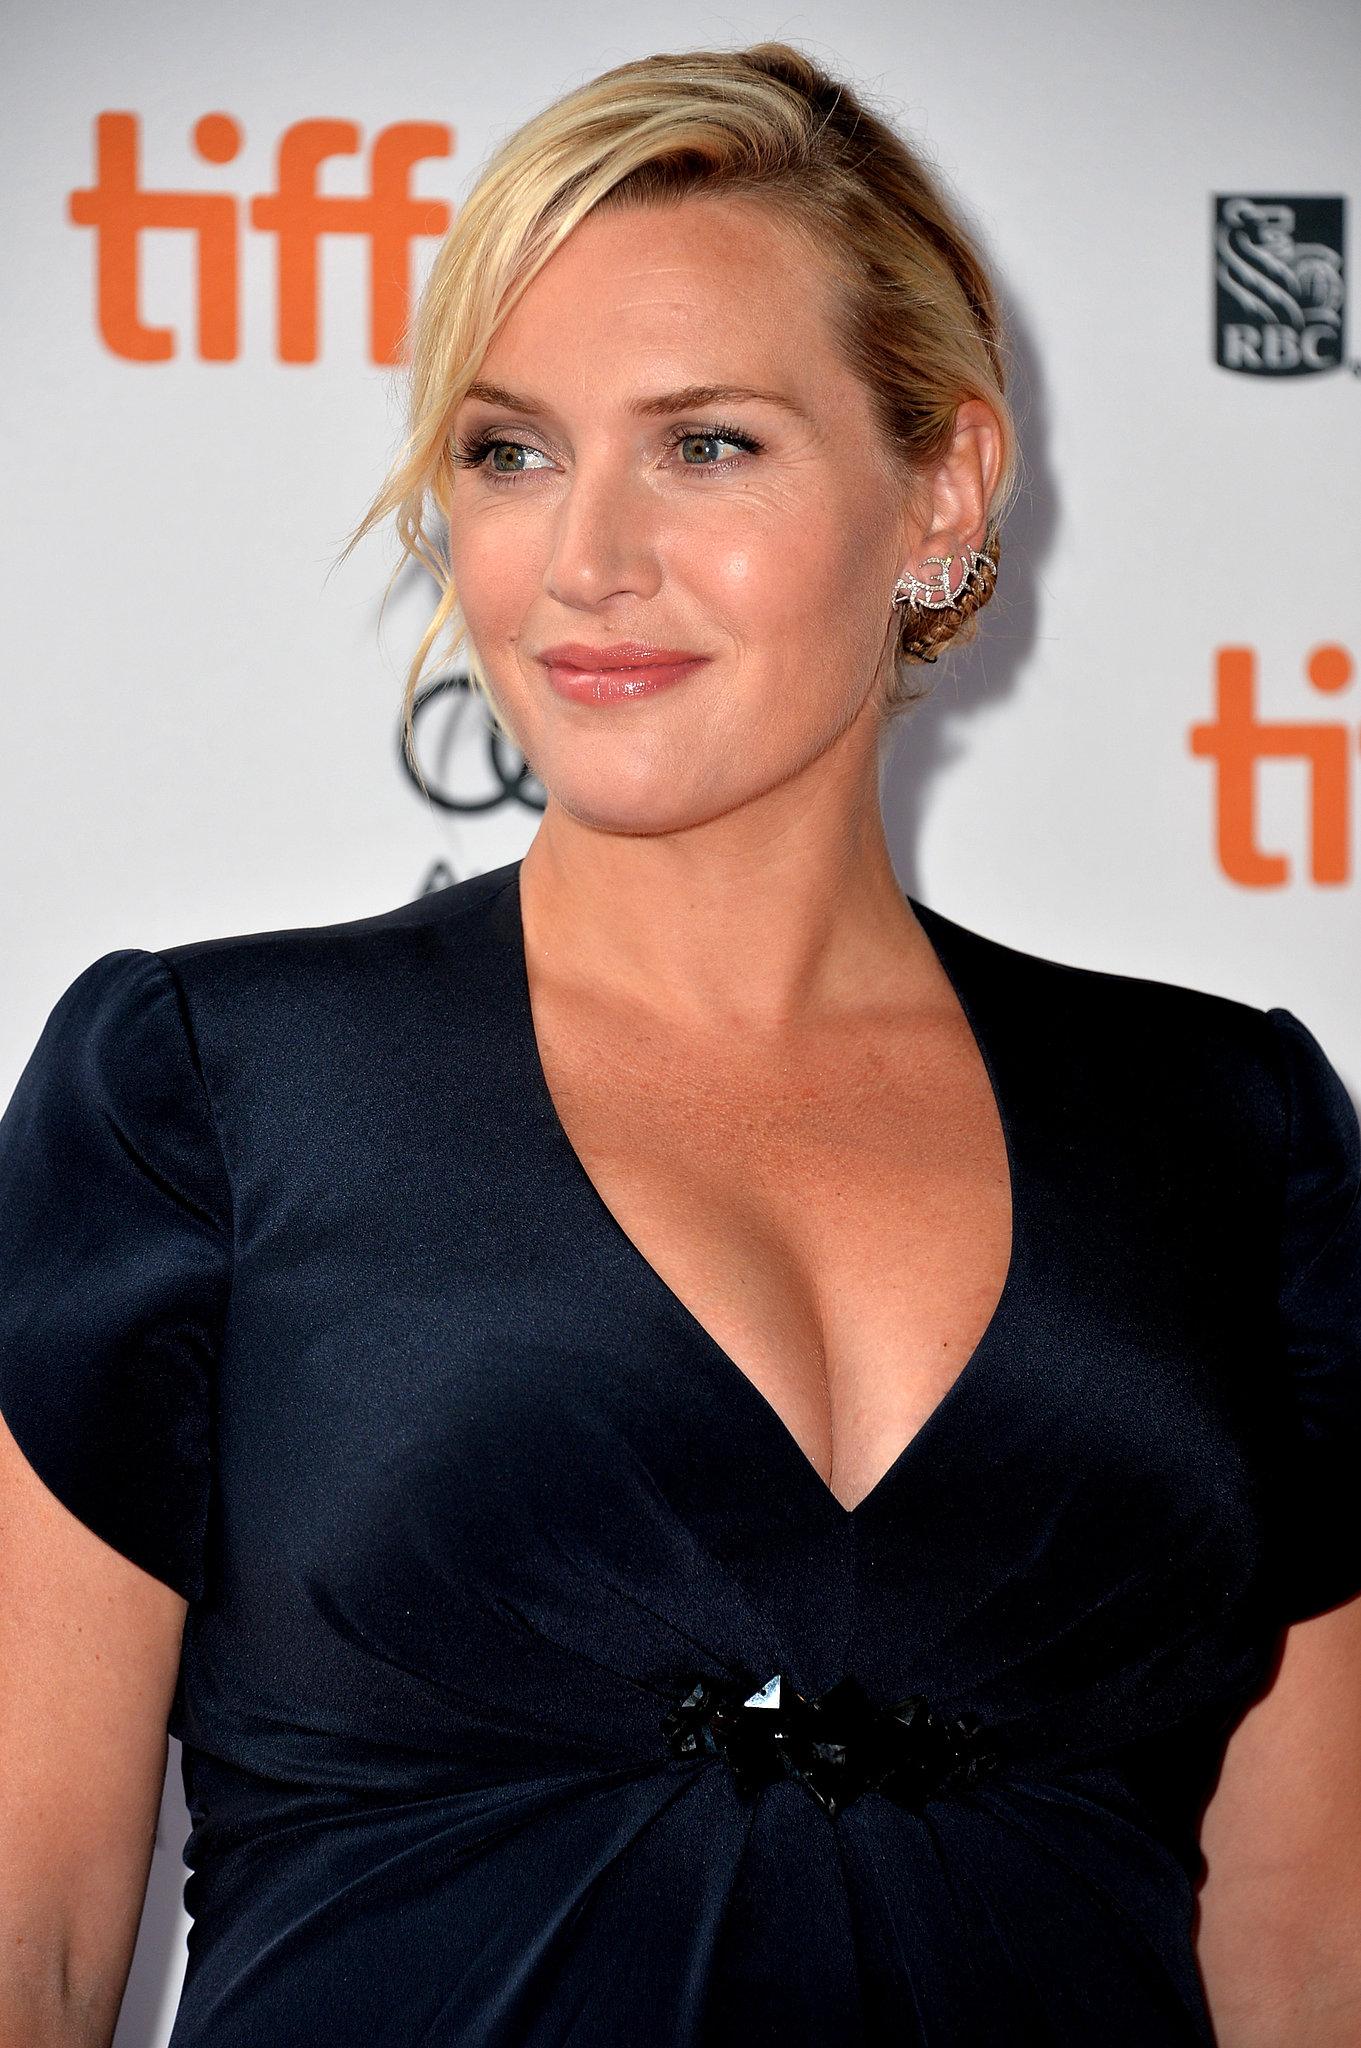 Kate Winslet showed